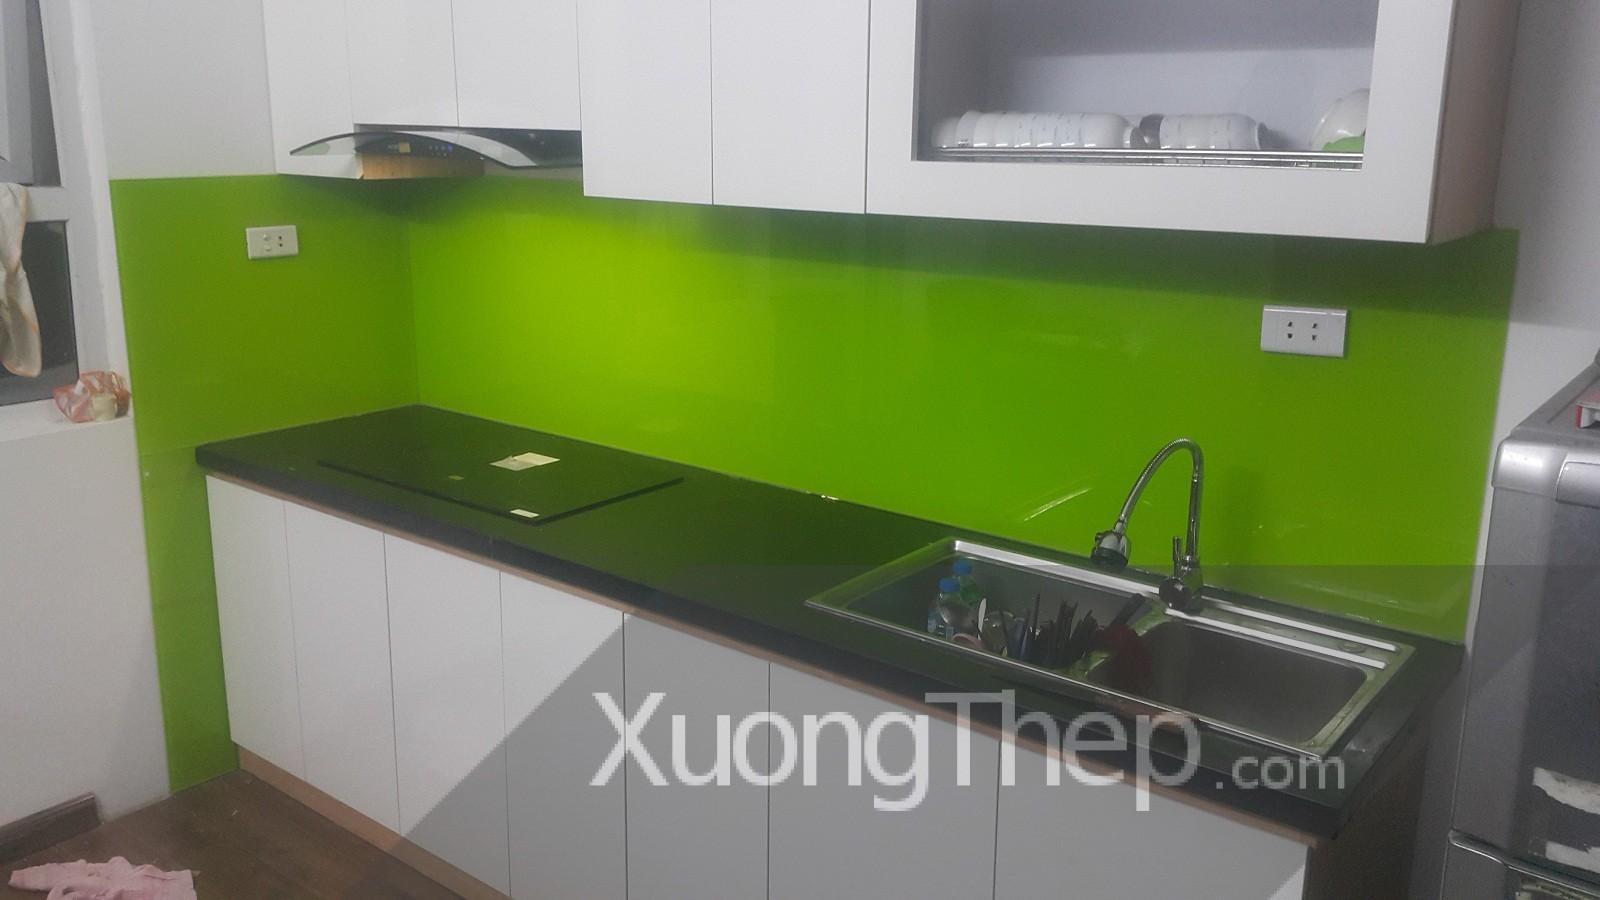 thi công kính cường lực sơn màu xanh non cho nhà bếp.